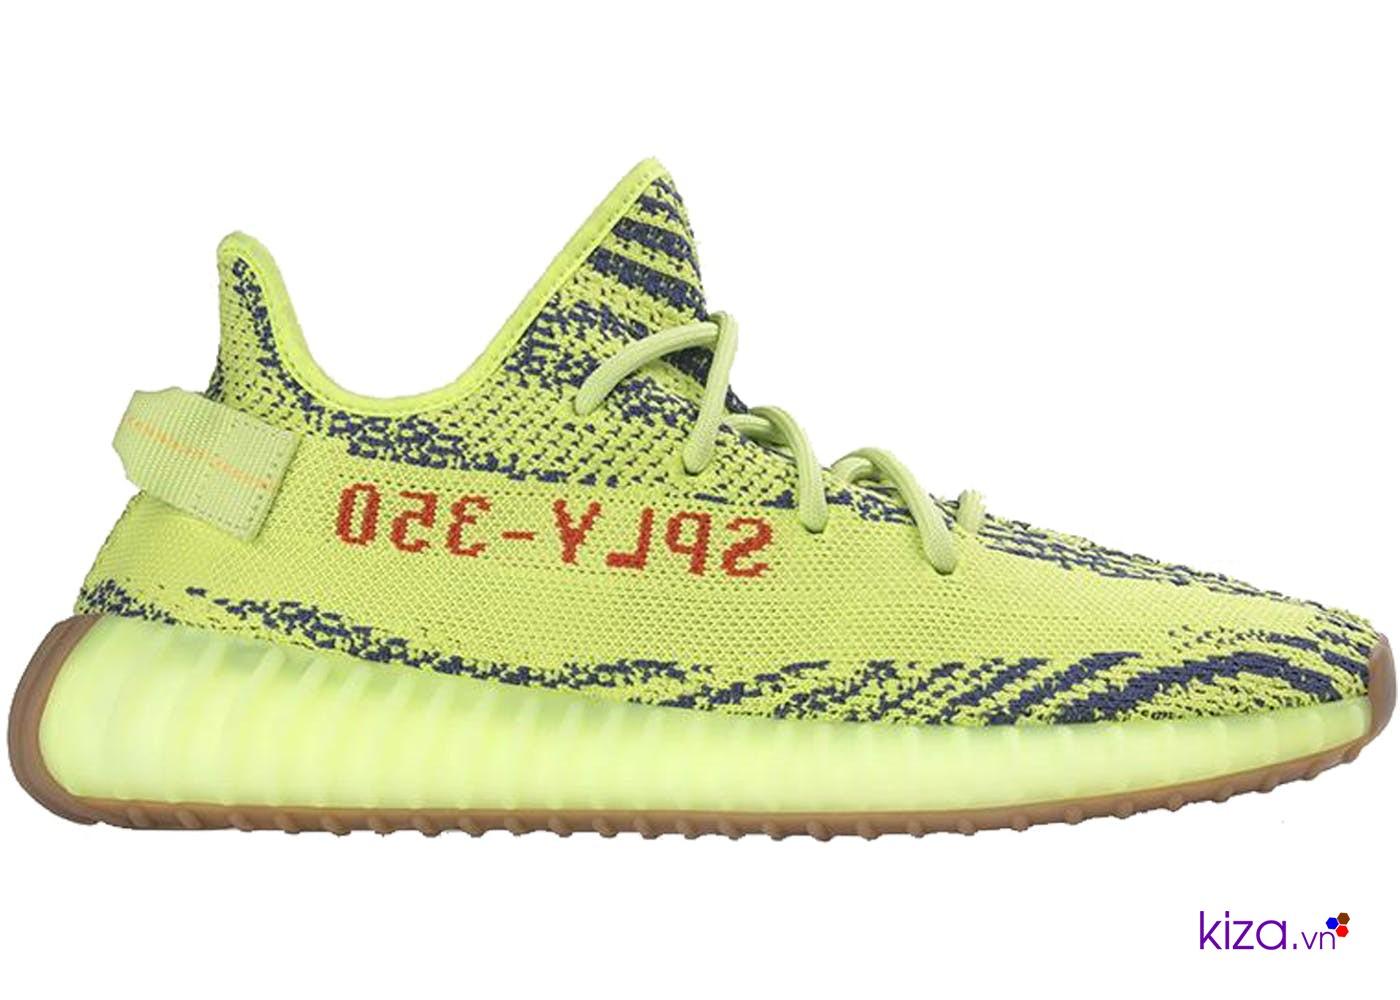 Mẫu giày Adidas khiến cả thế giới sôi động đón chào - Yeezy boost 350 v2